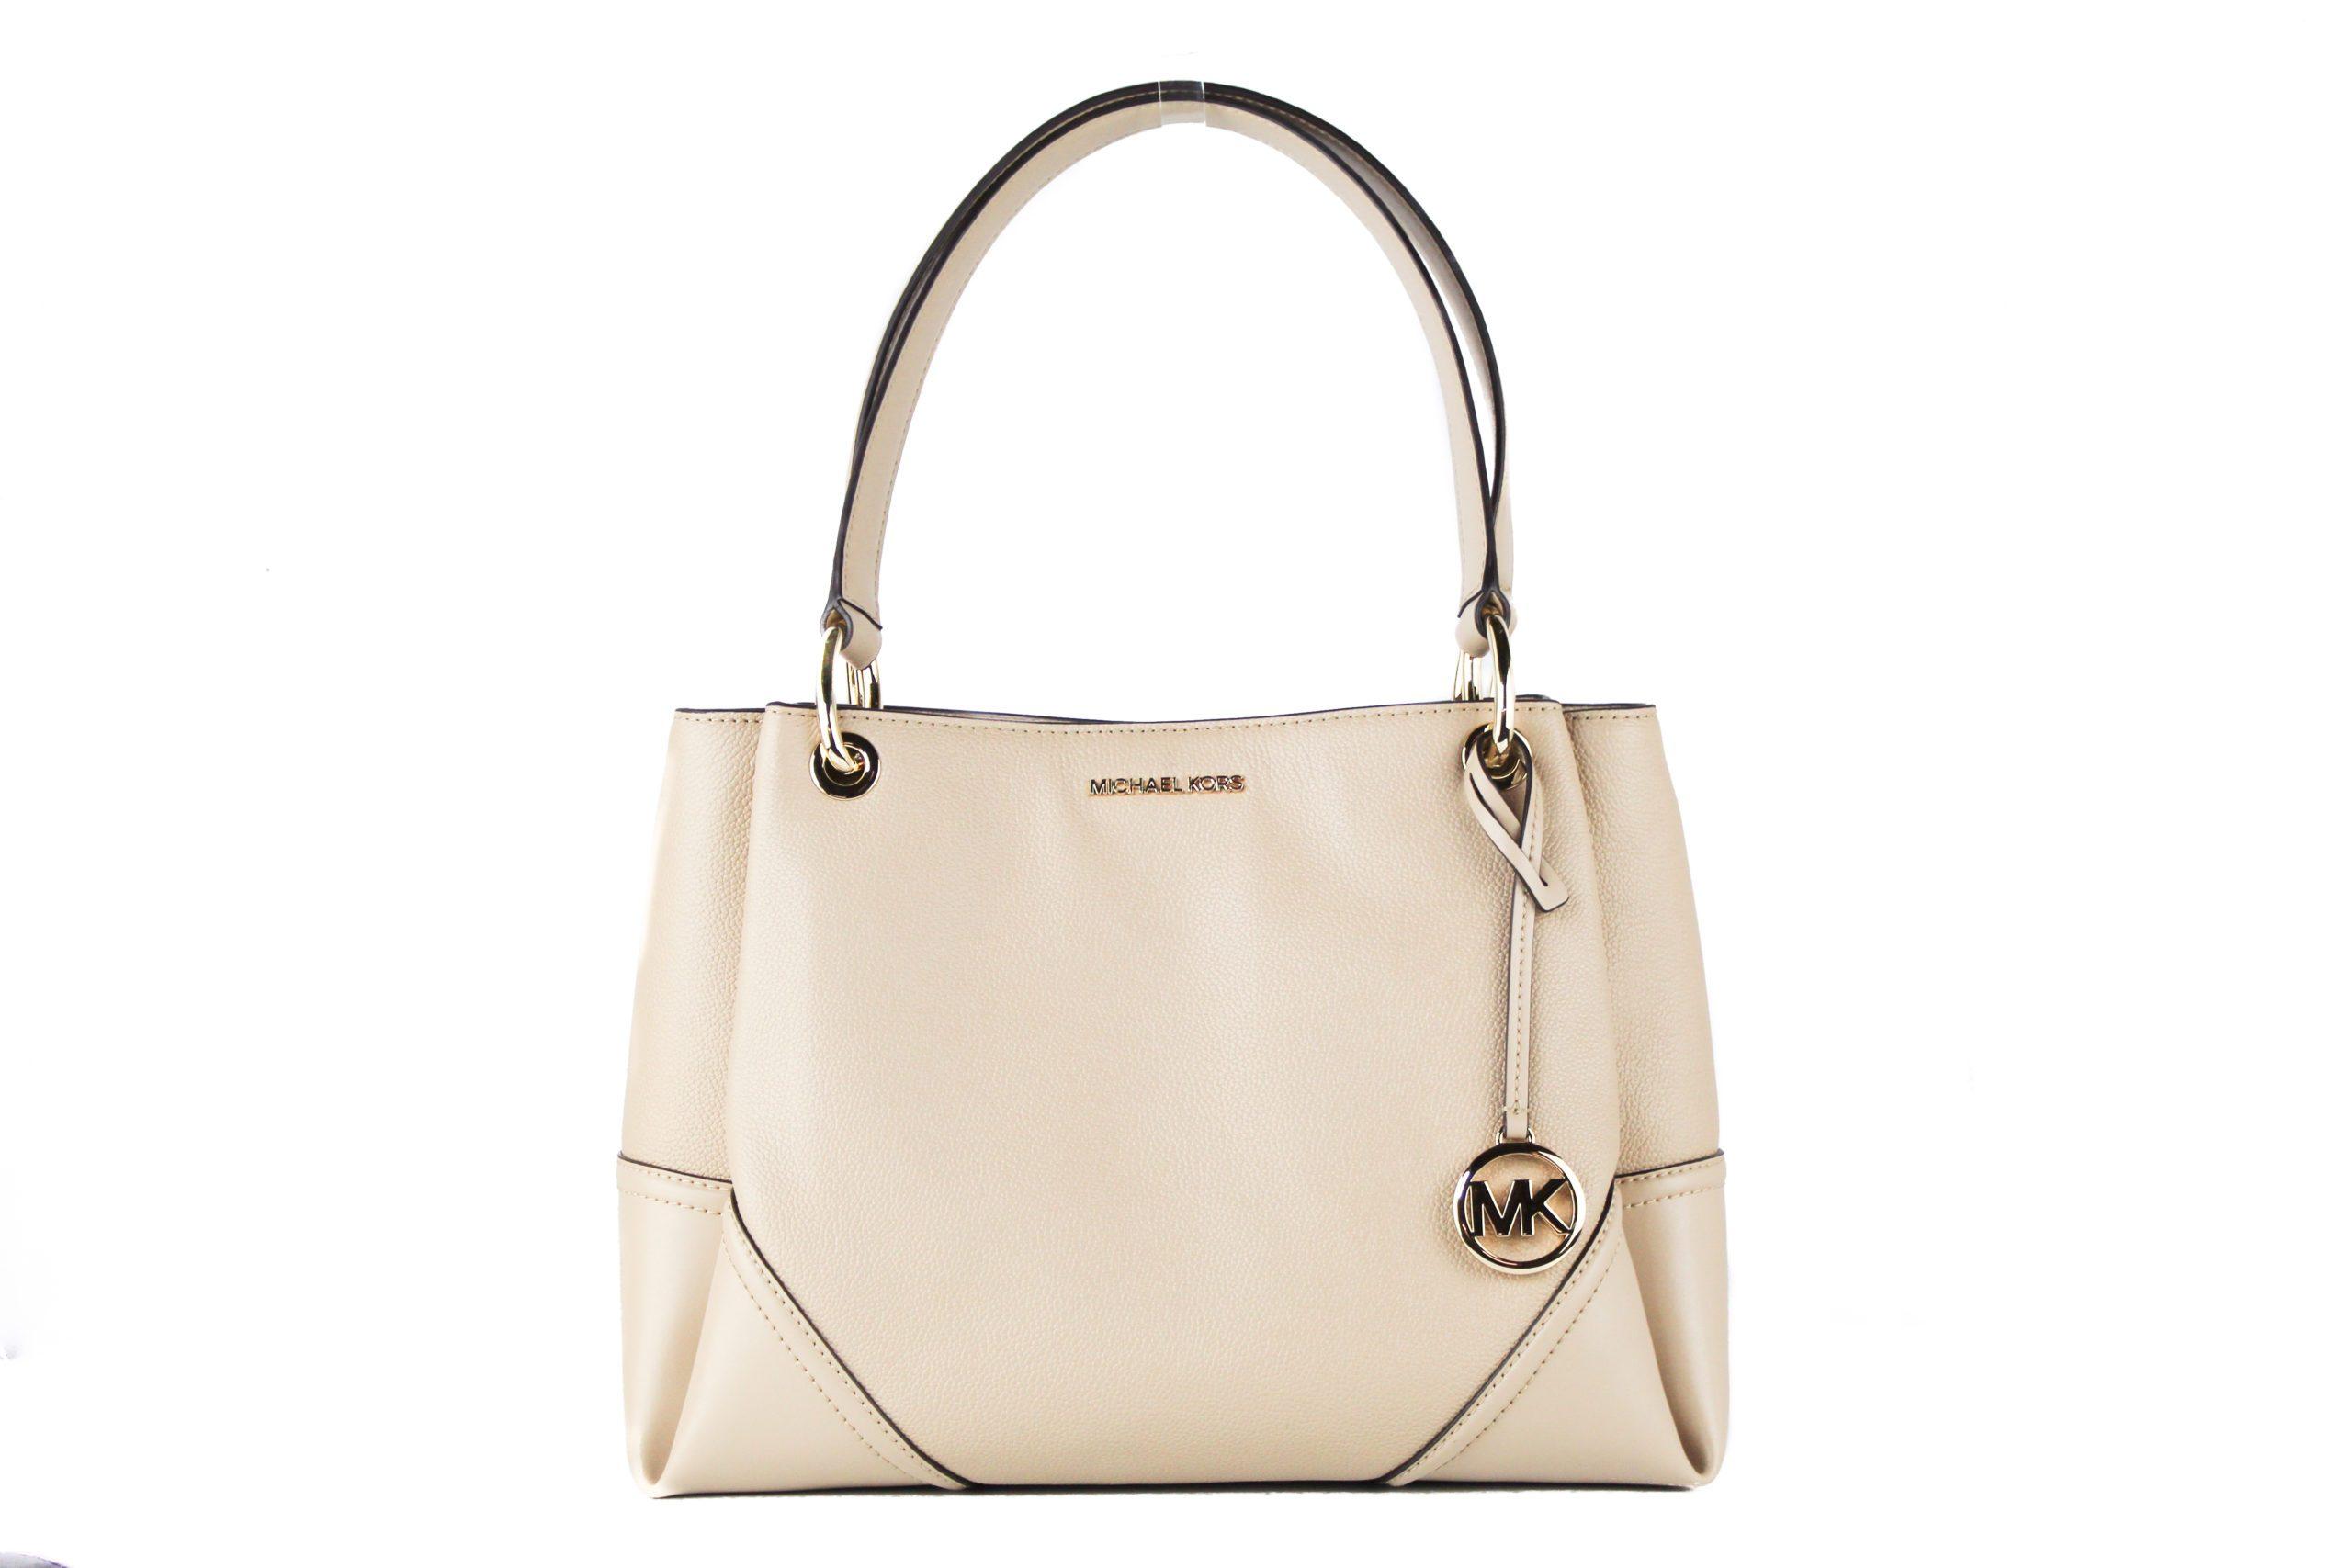 Michael Kors Women's Nicole Tote Bag Beige 39761